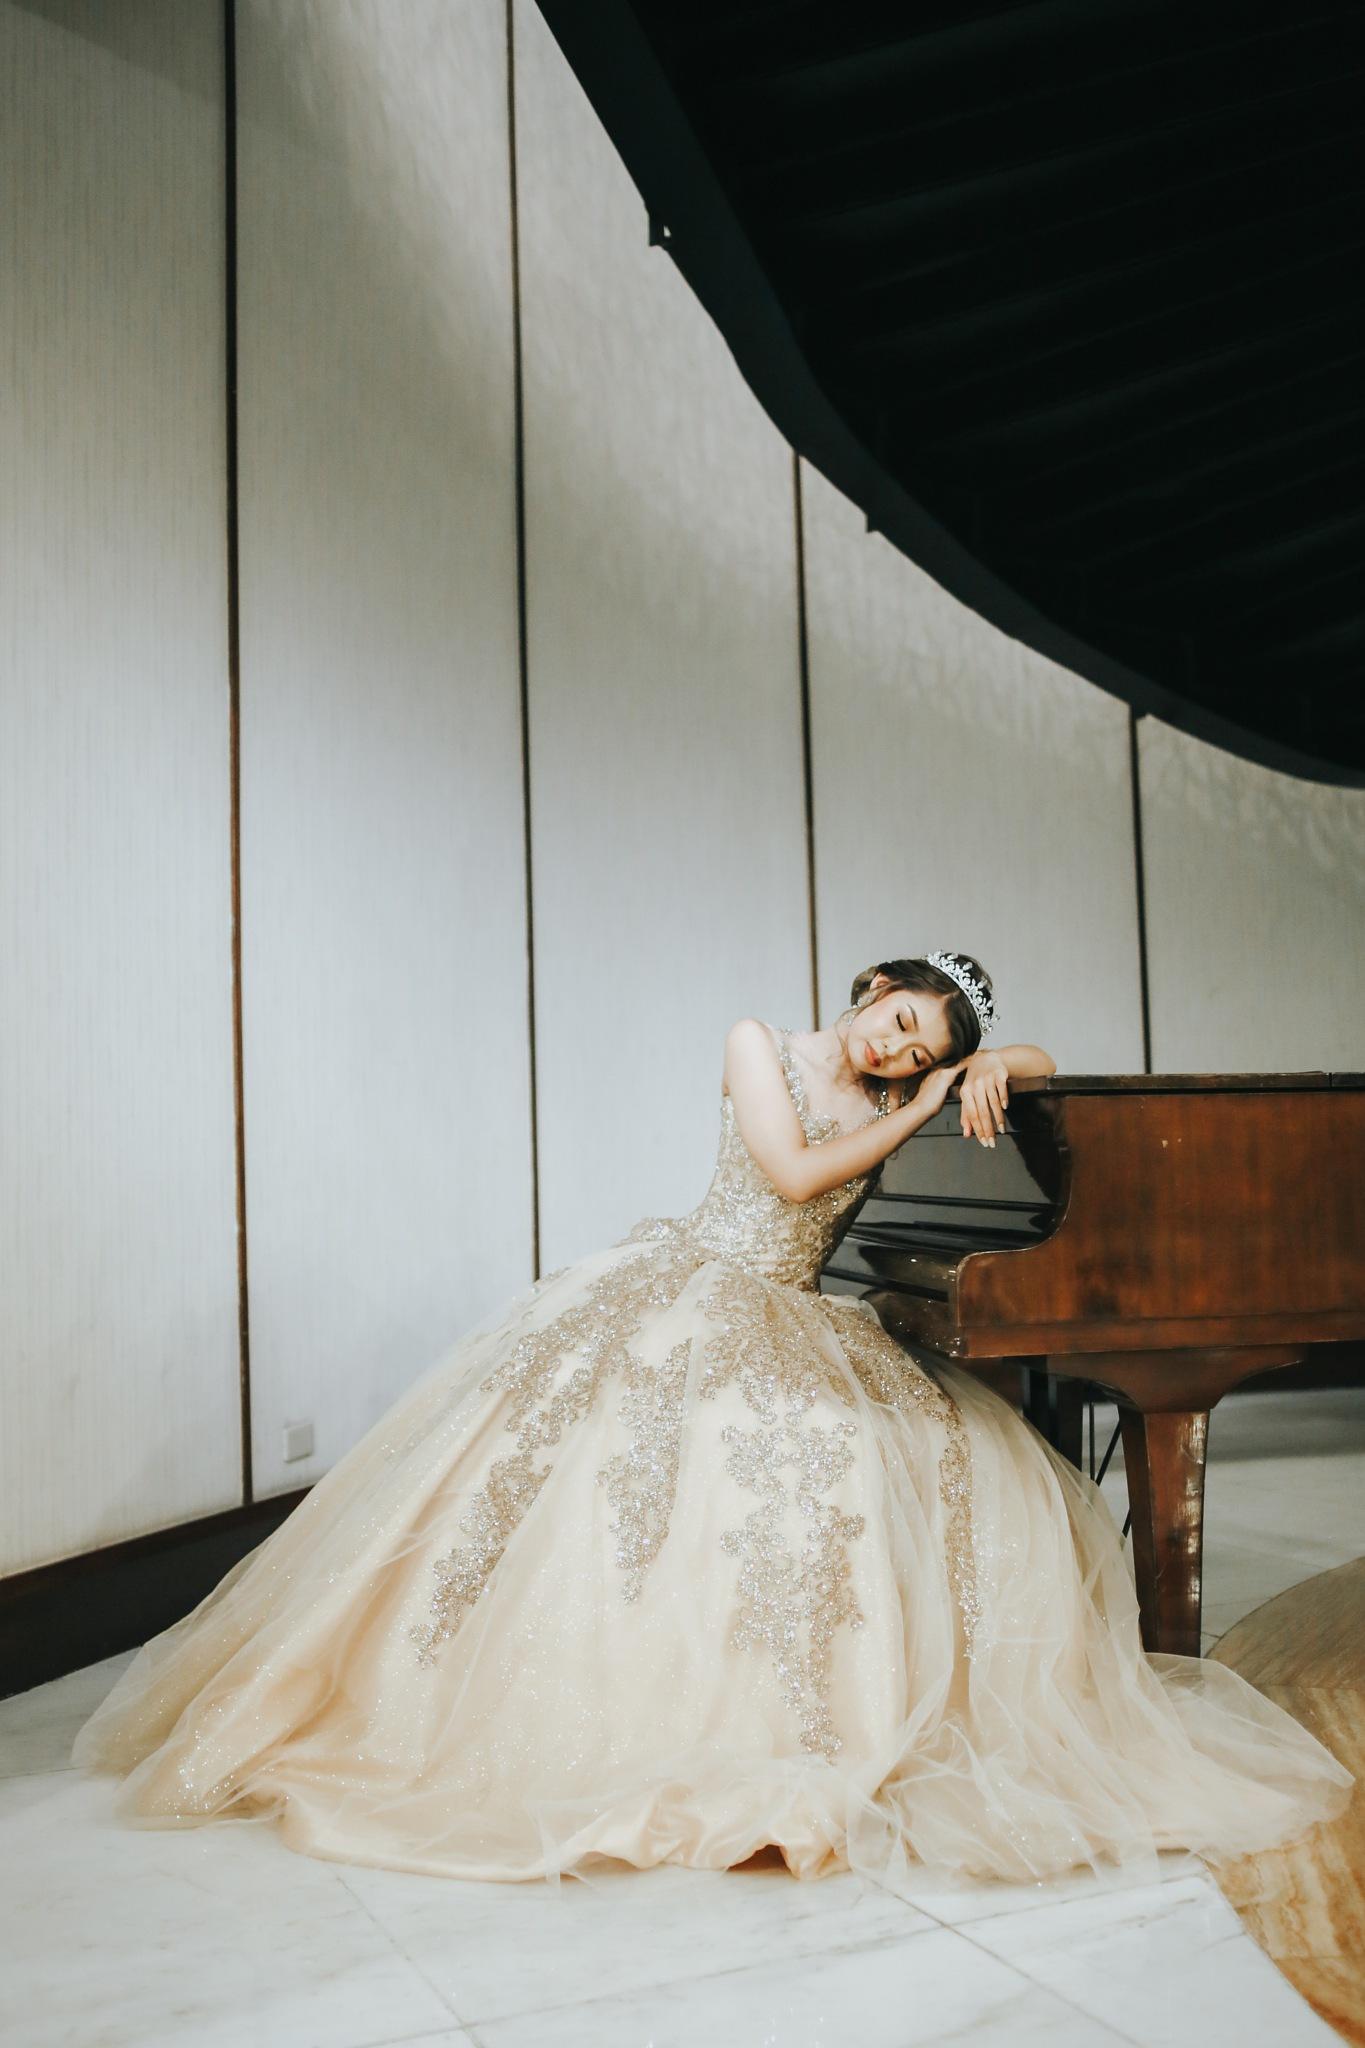 Diane @ XVIII by Ricky Emmanuel Domingo